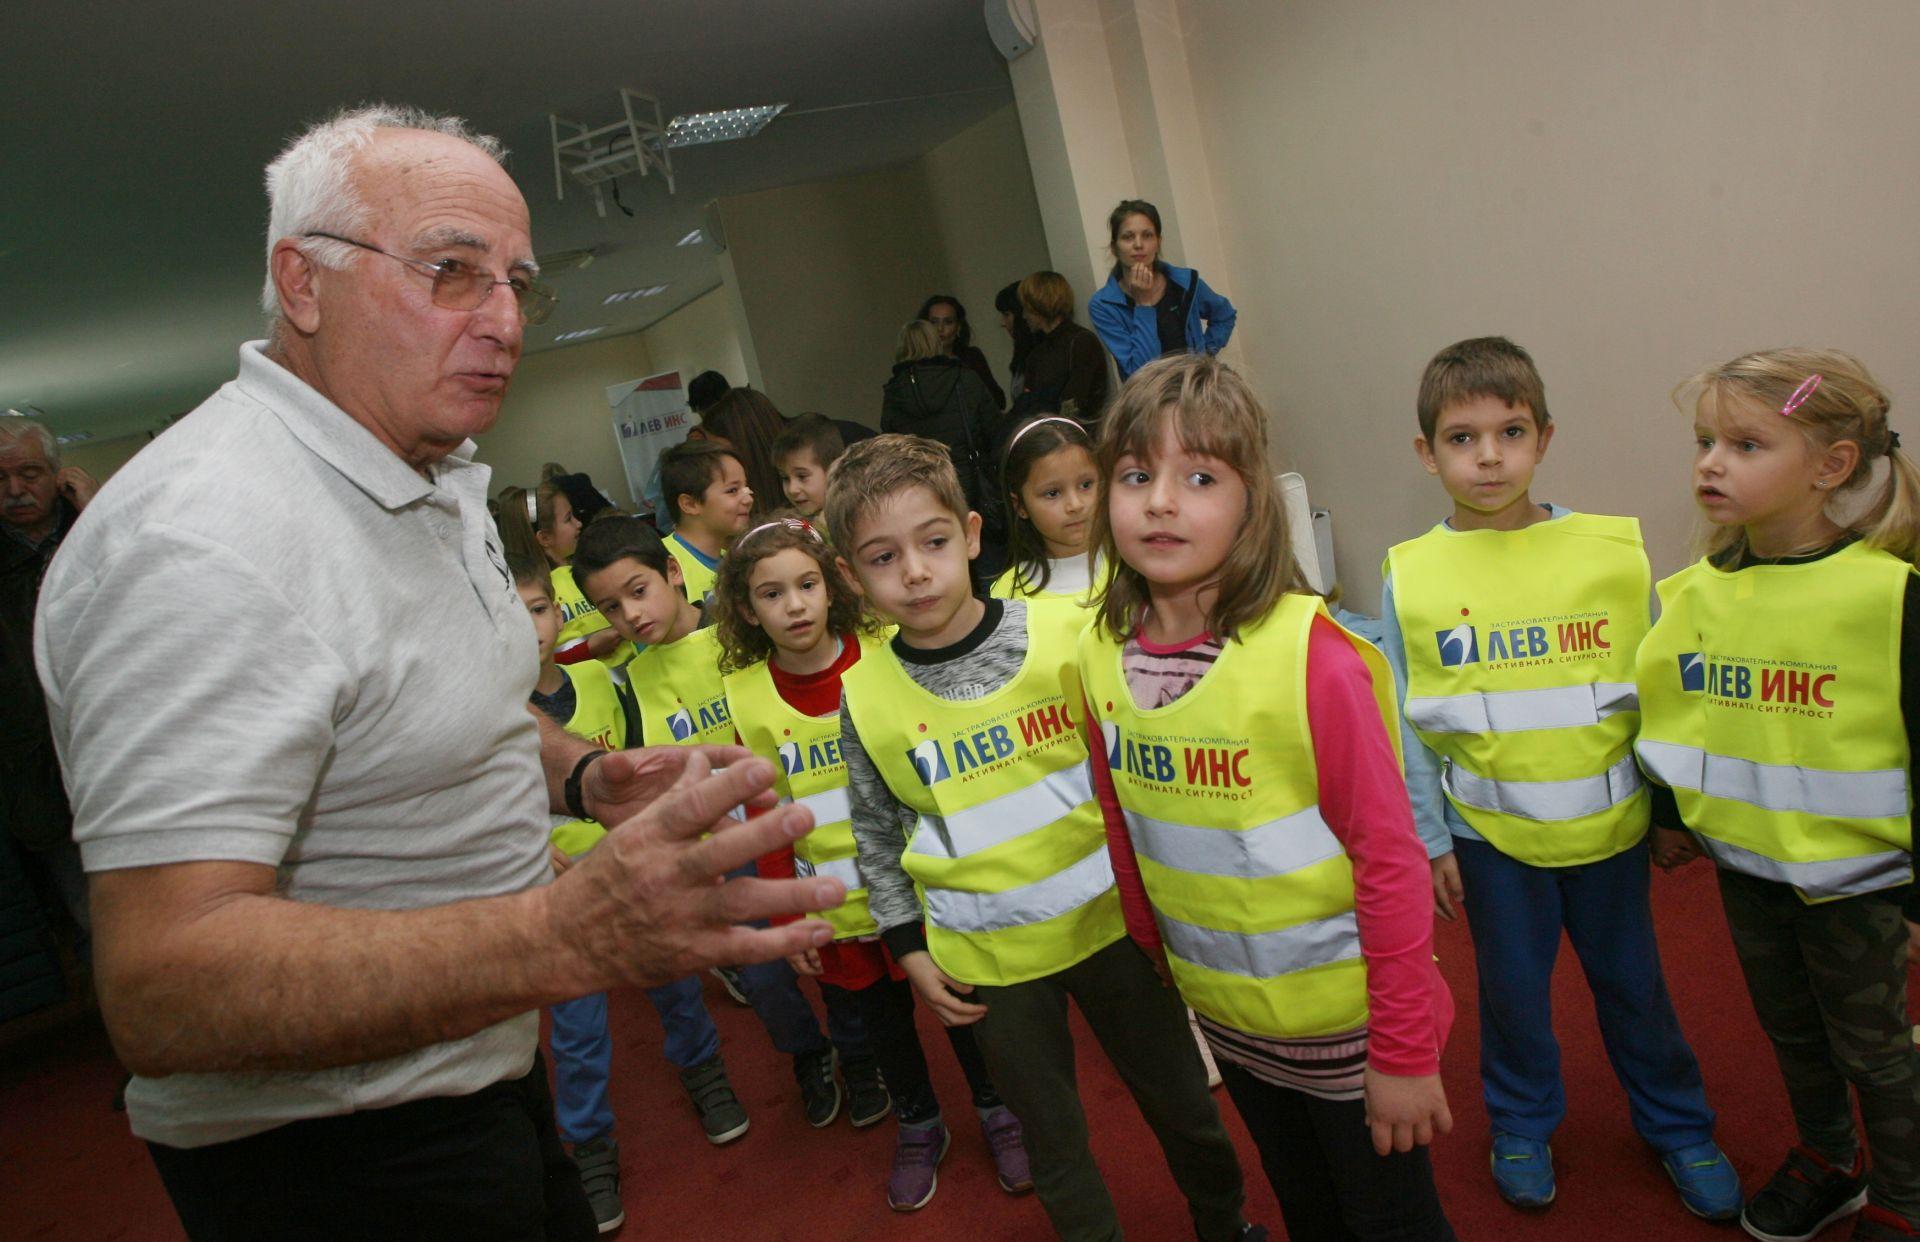 """""""Лев Инс"""" откри кампанията си """"S.O.S - Спасете нашите деца!"""""""